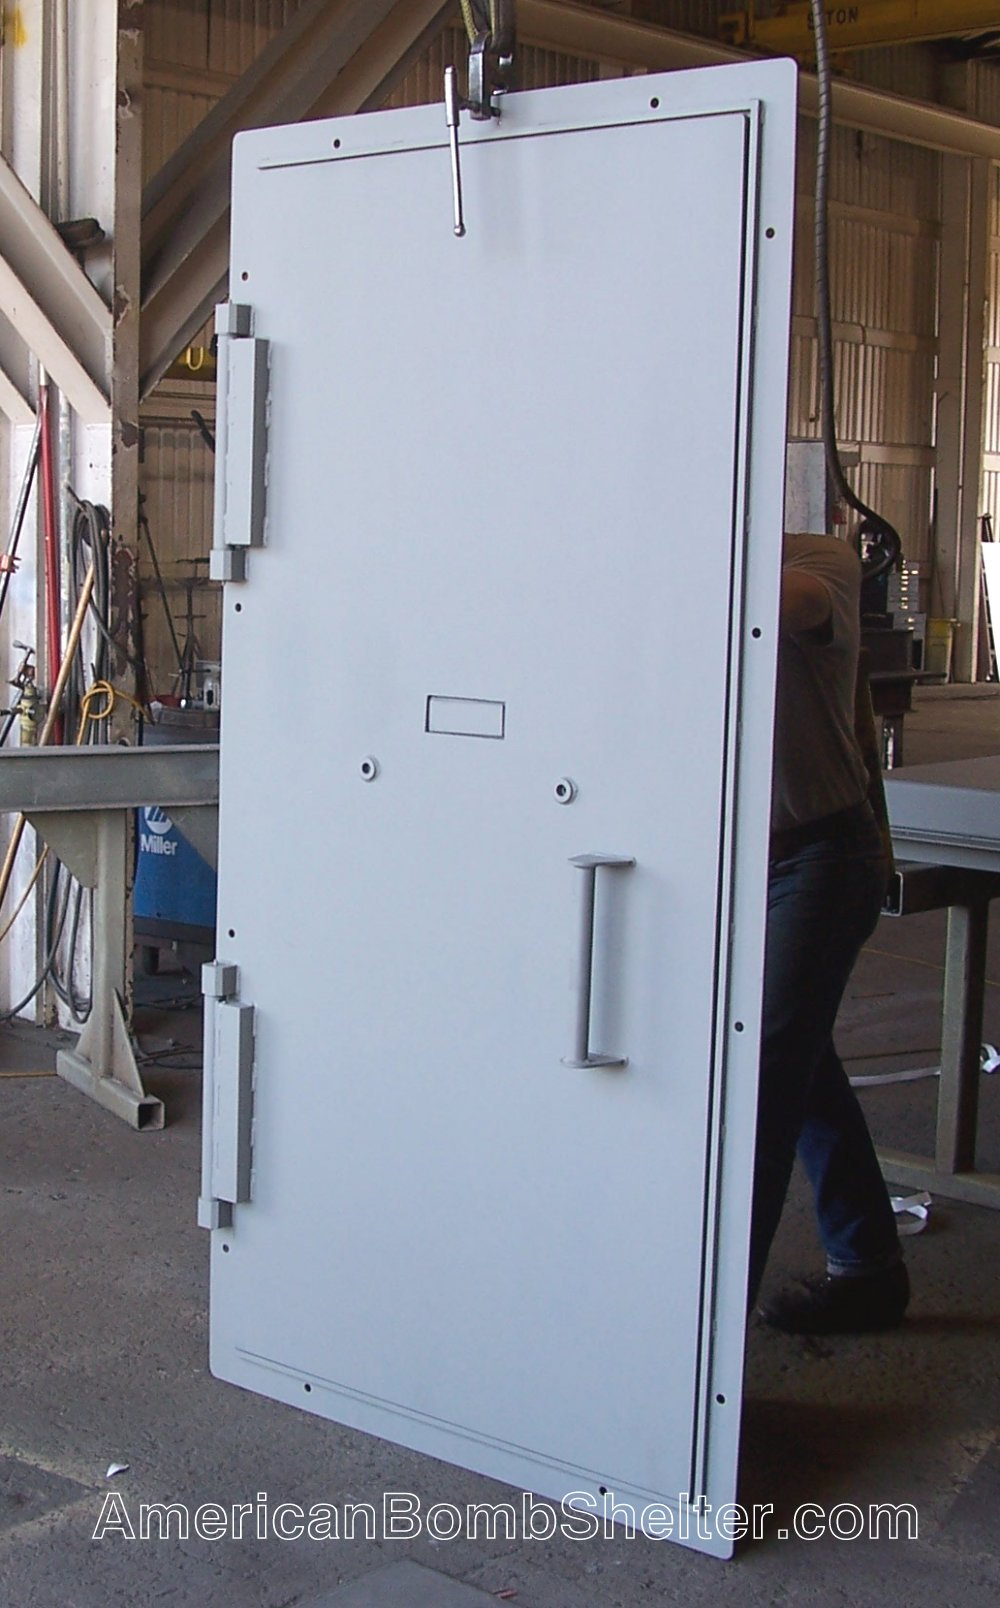 Steel ballistic door for a safe room